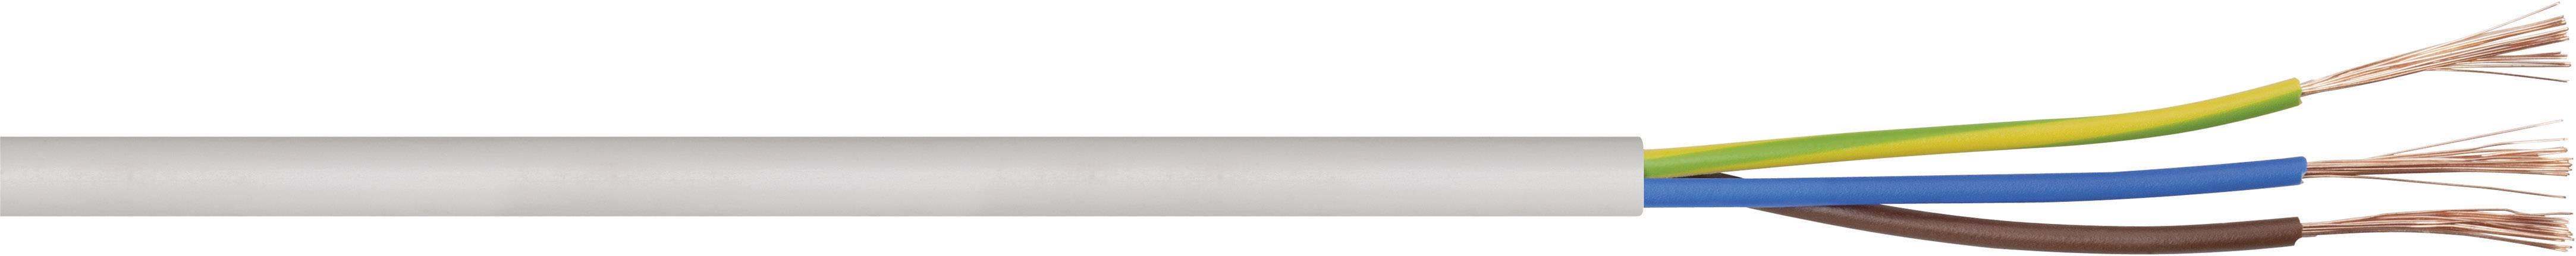 Vícežílový kabel LappKabel H03VV-F, 49900069/300, 4 G 0.75 mm², bílá, 300 m